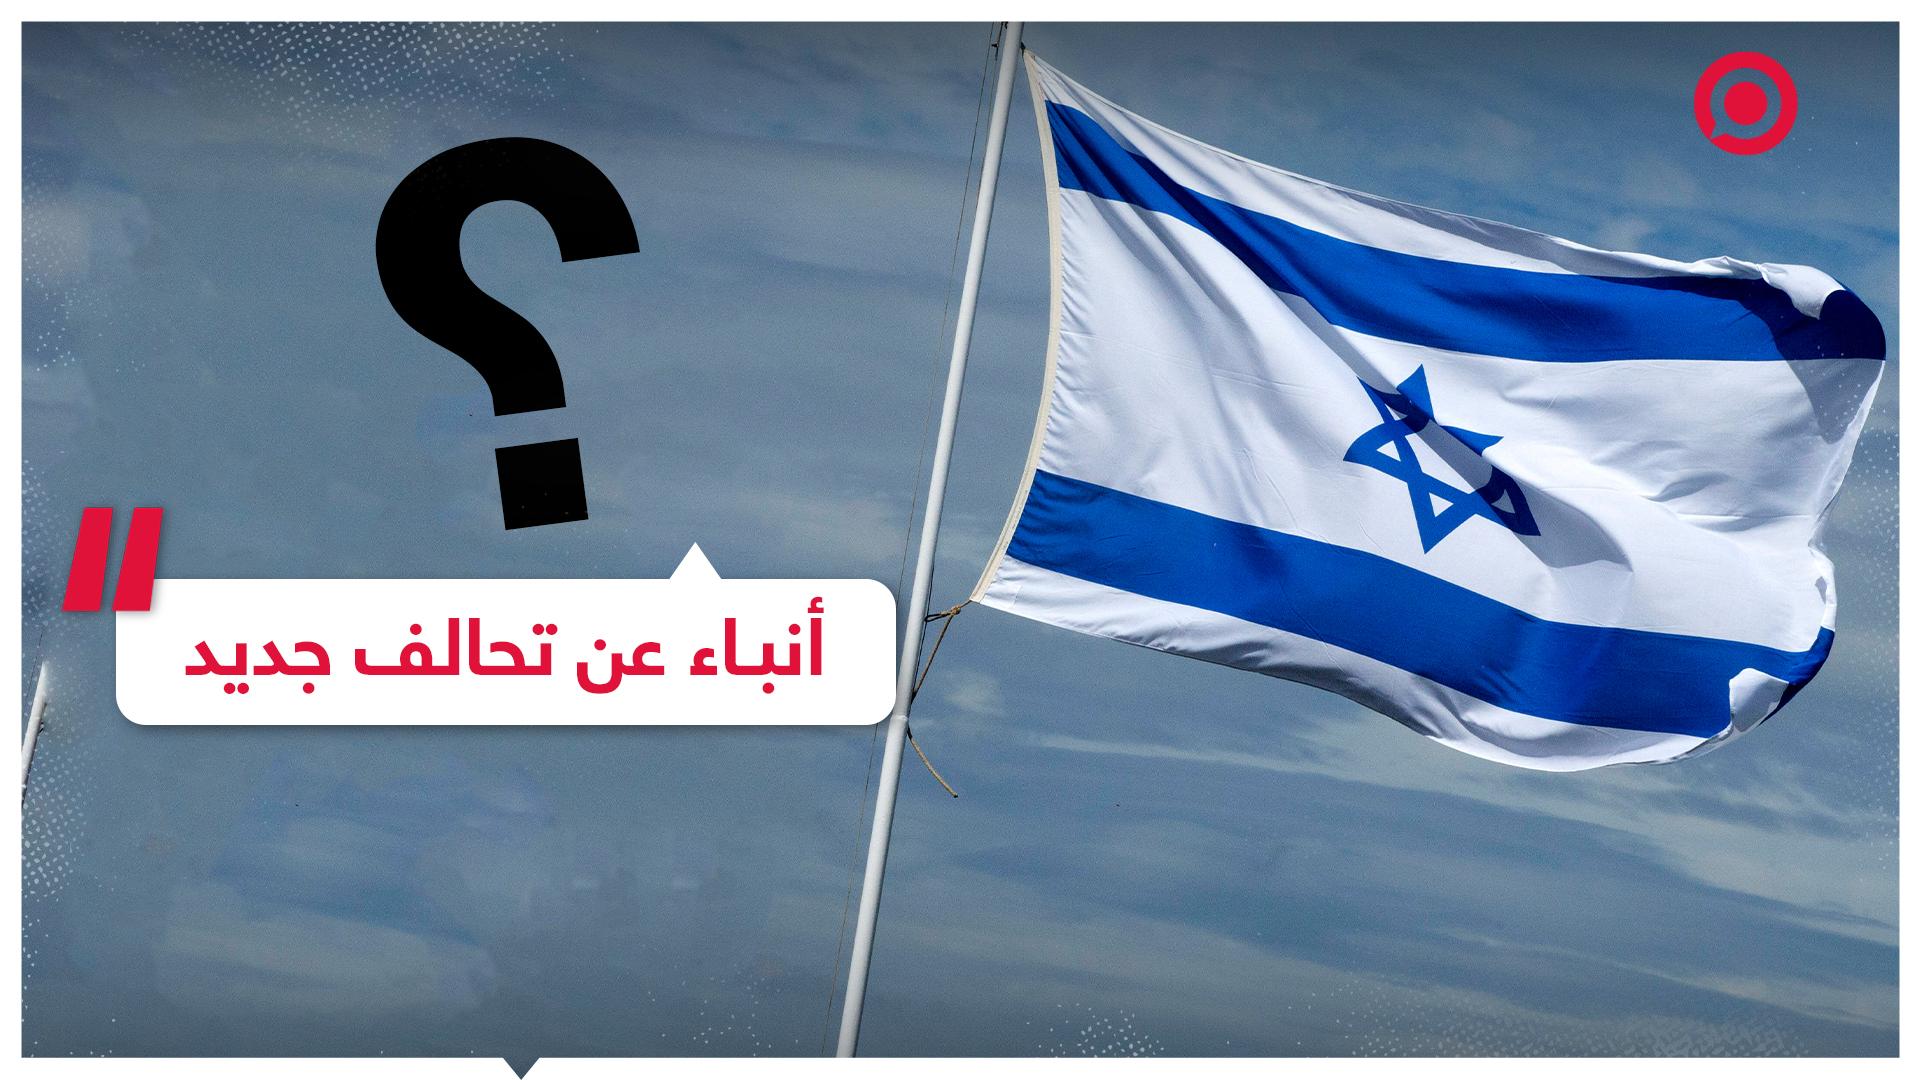 #إسرائيل #إيران #السعودية #البحرين #الإمارات